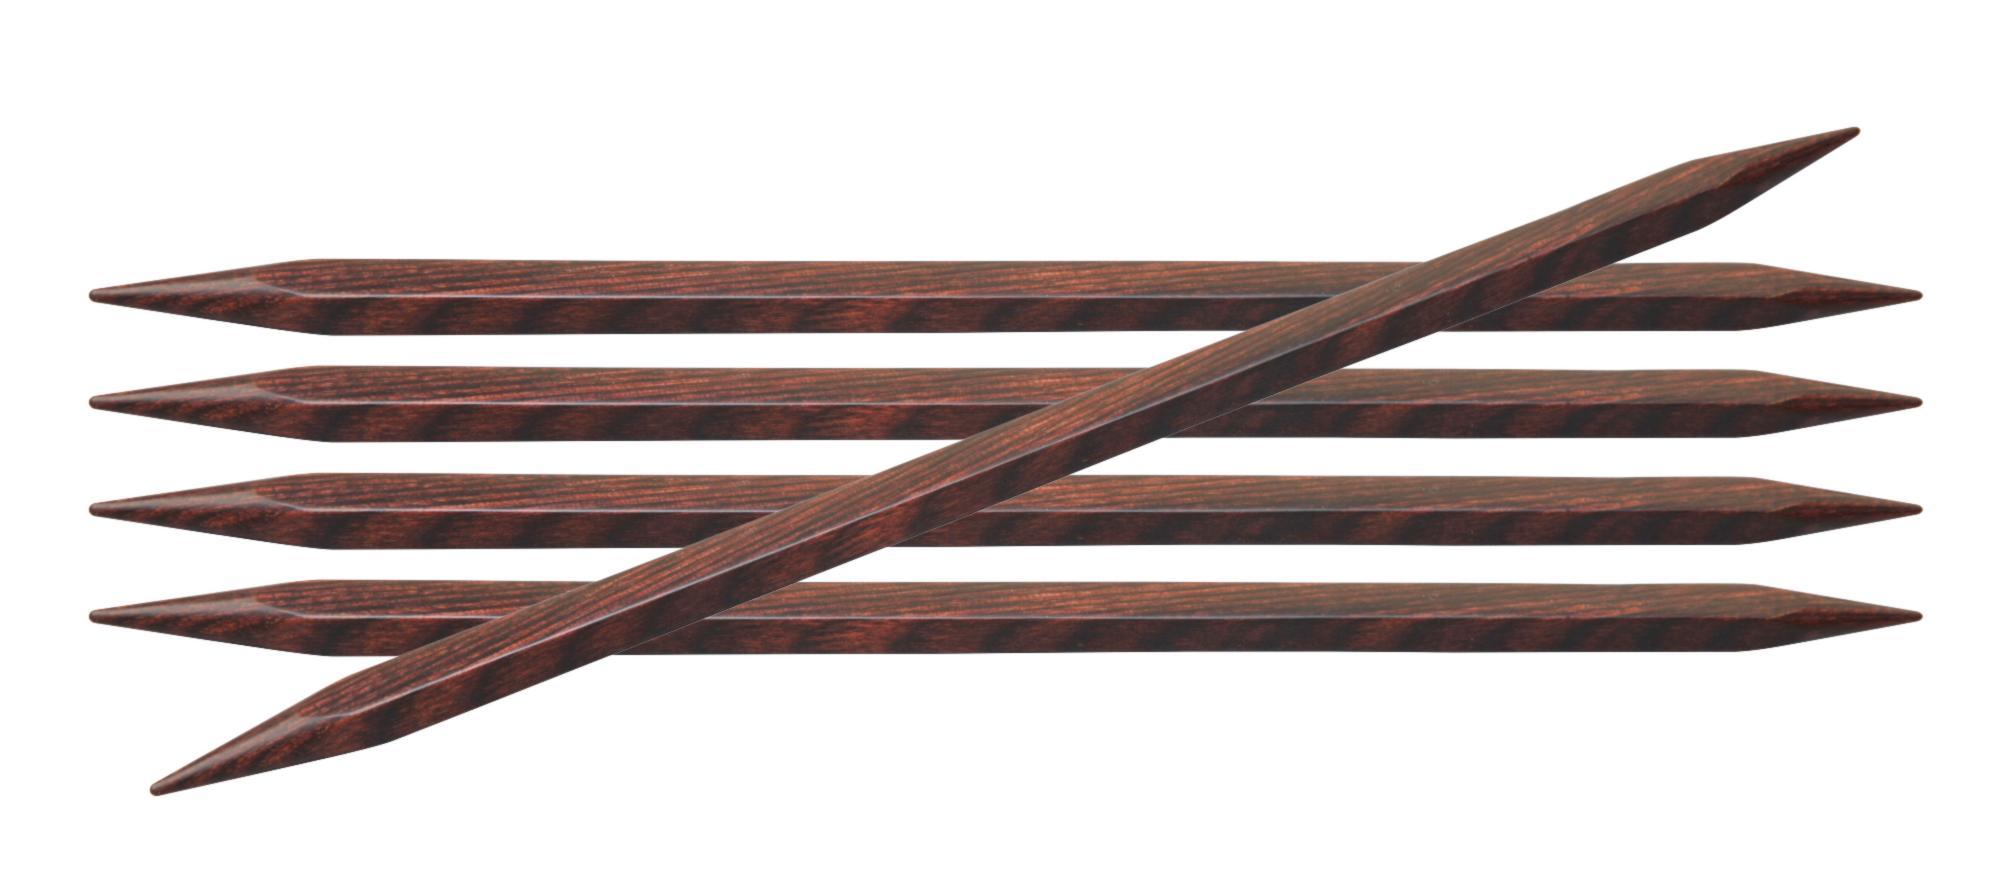 Спицы носочные 20 см Cubics Symfonie-Rose KnitPro, 25116 6.00 мм